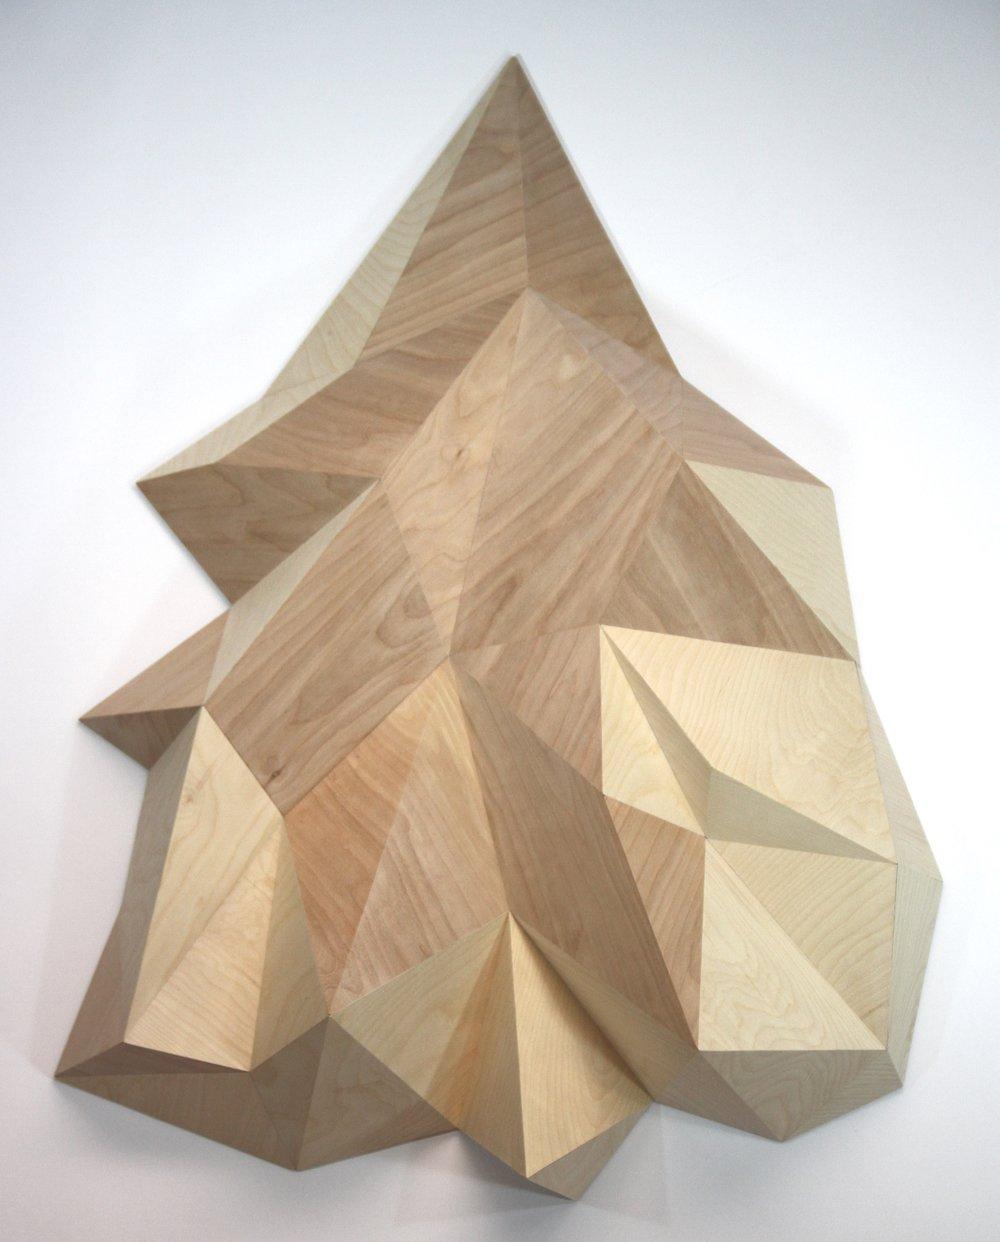 Sassoon Kosian Wall Hanging Sculpture Starting at $2,000